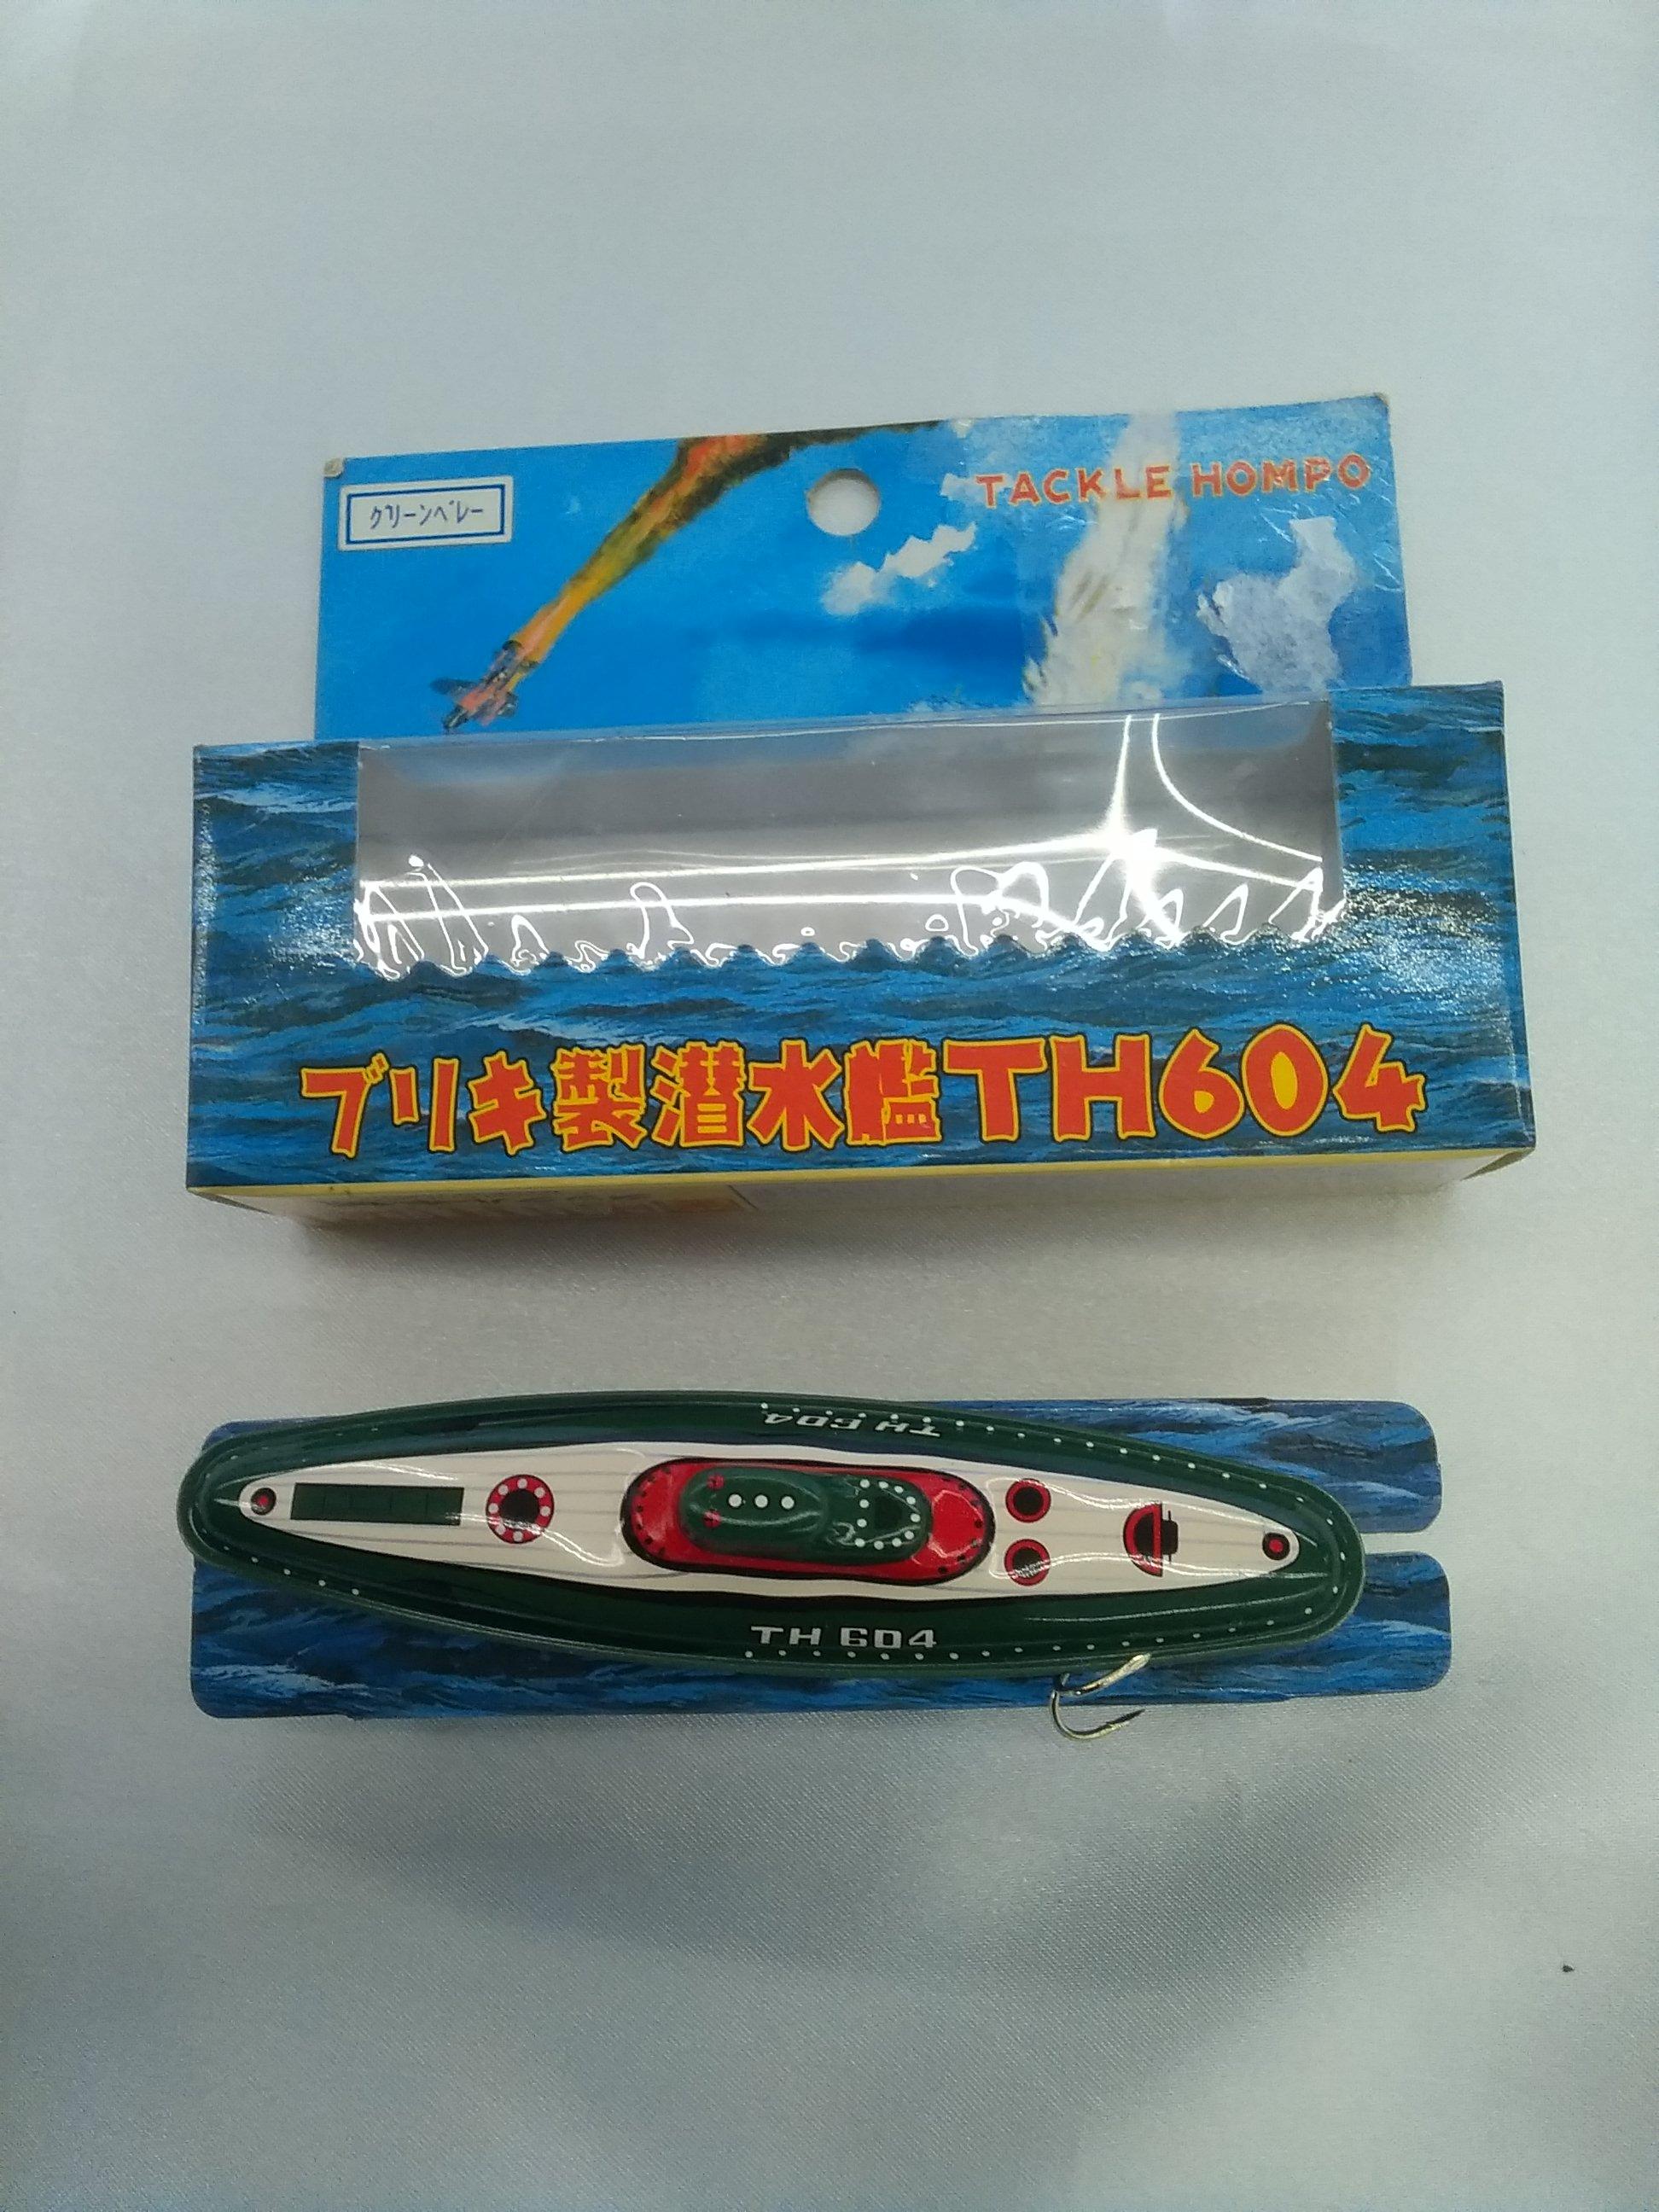 グリーベレー ブリキ製潜水艦|タックル本舗